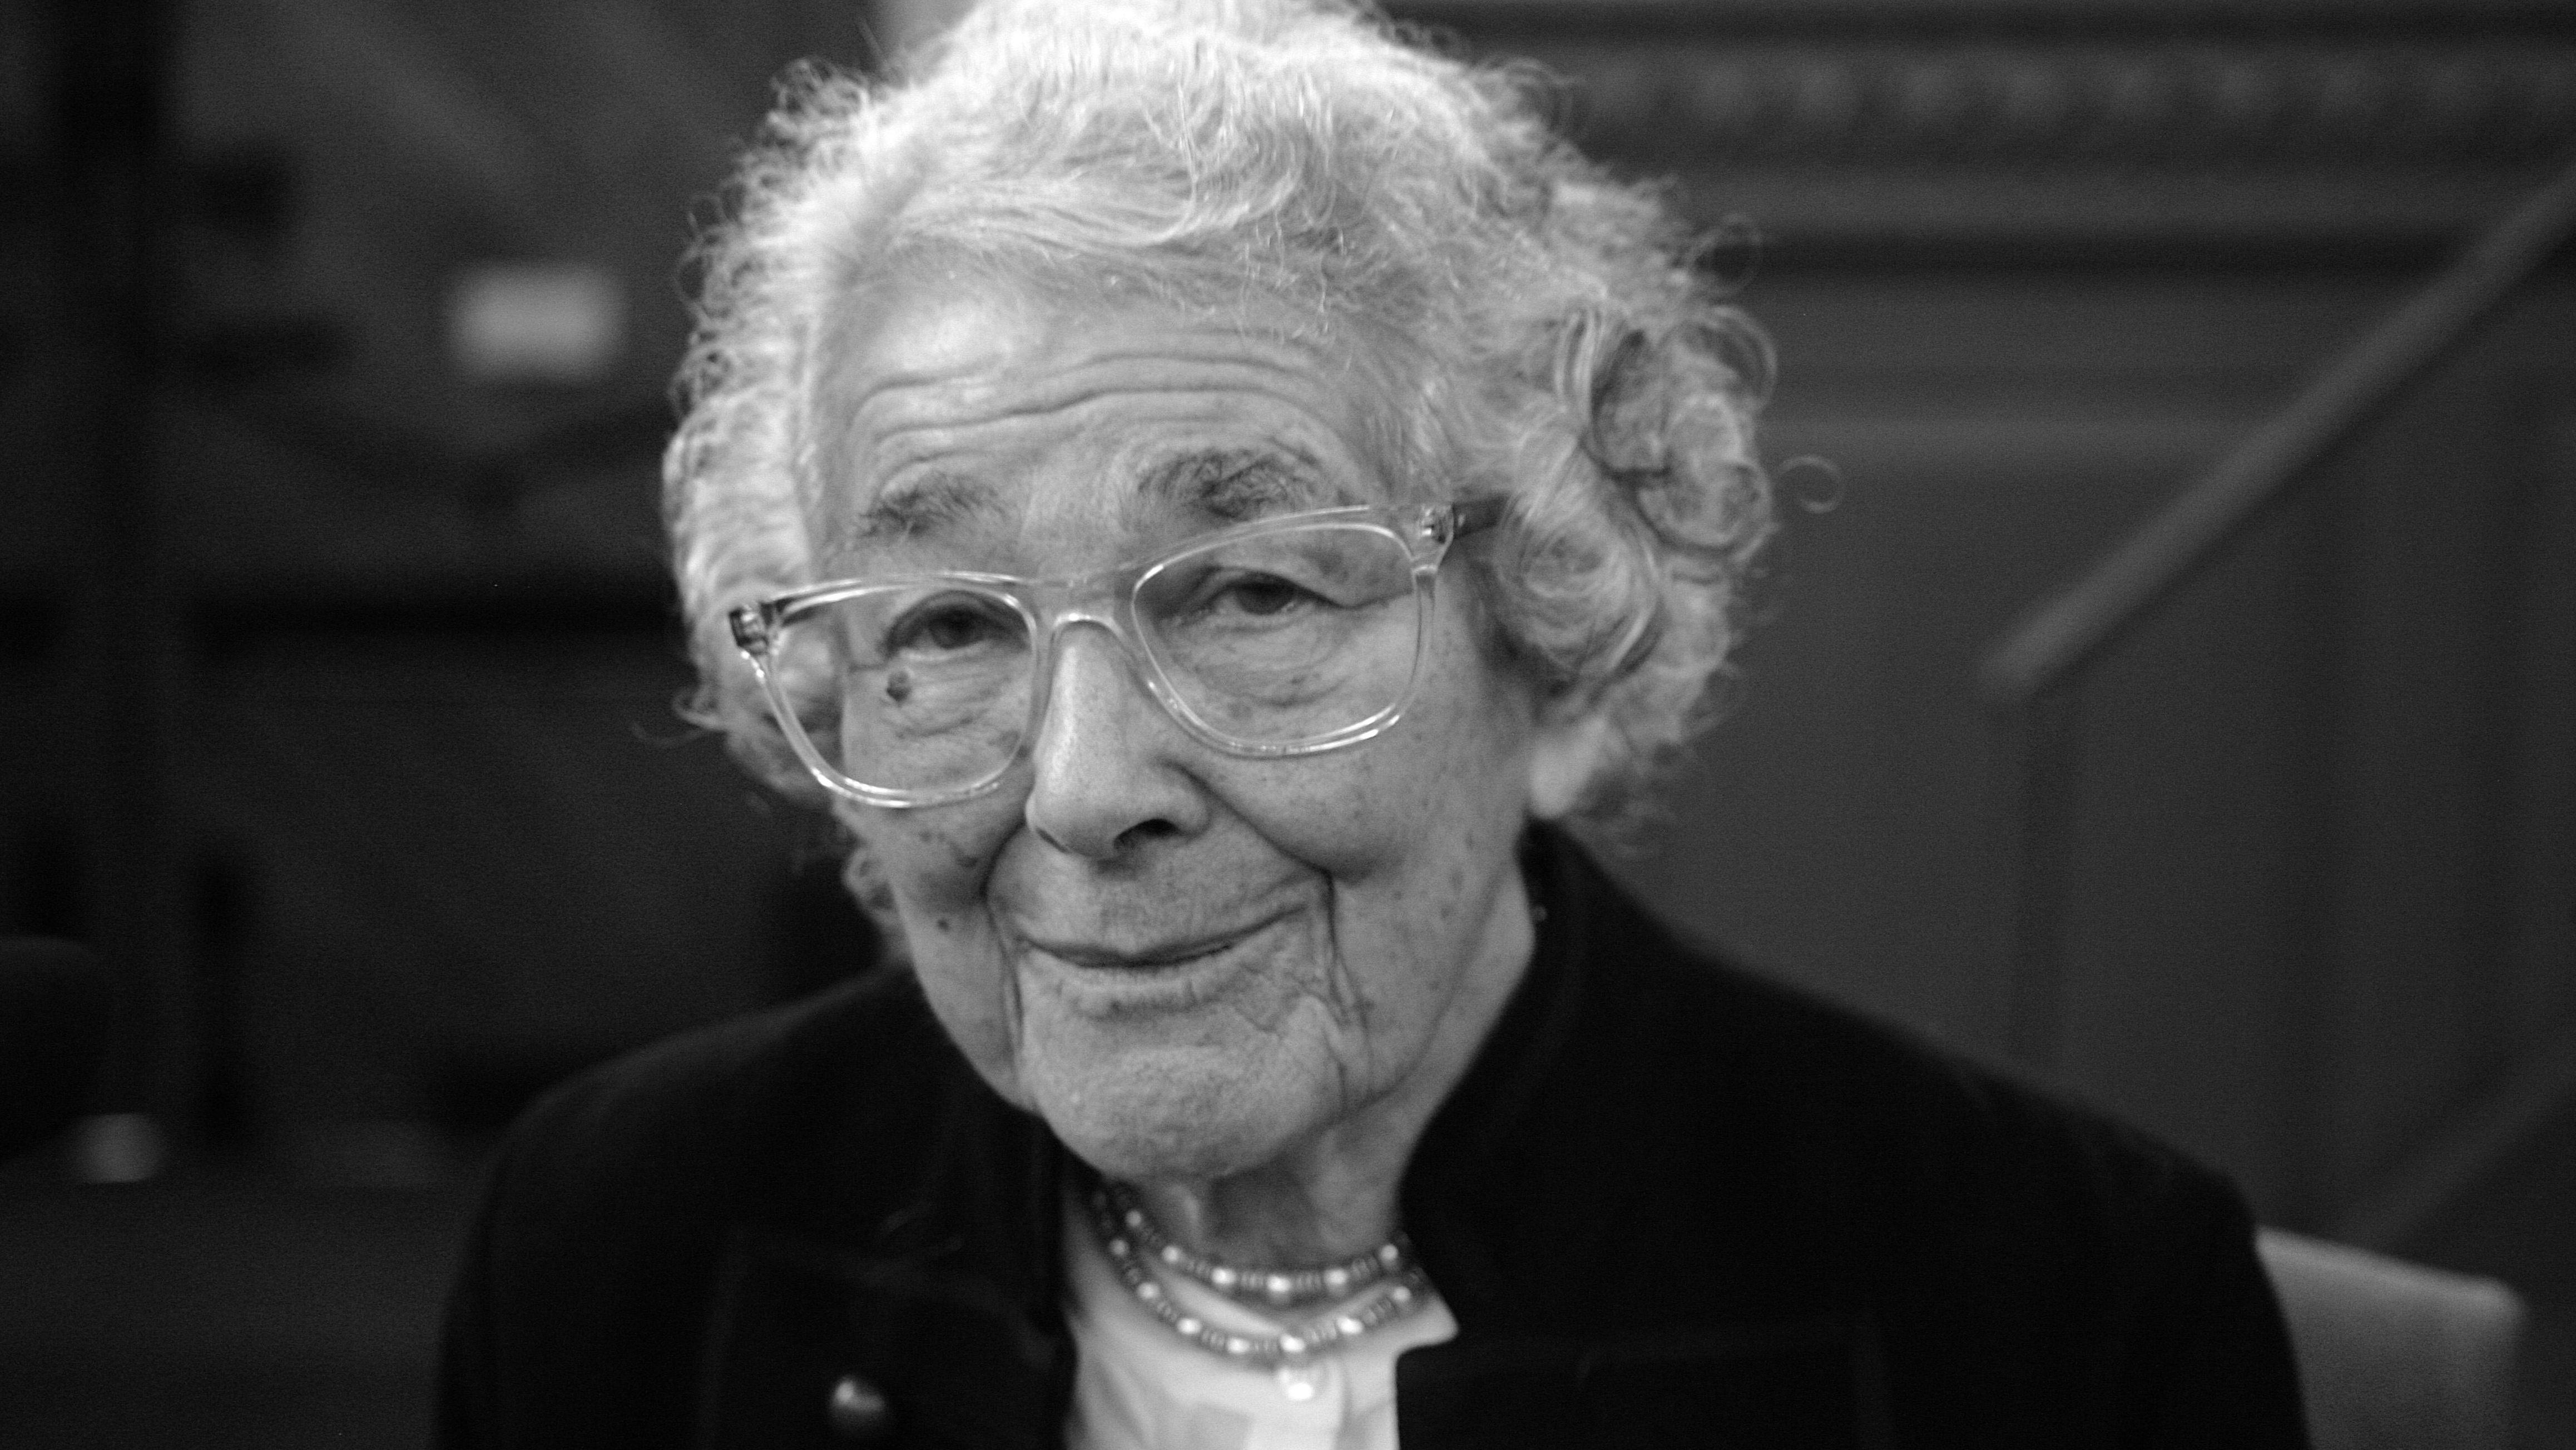 Die große Autorin und Illustratorin Judith Kerr ist mit 95 Jahren gestorben